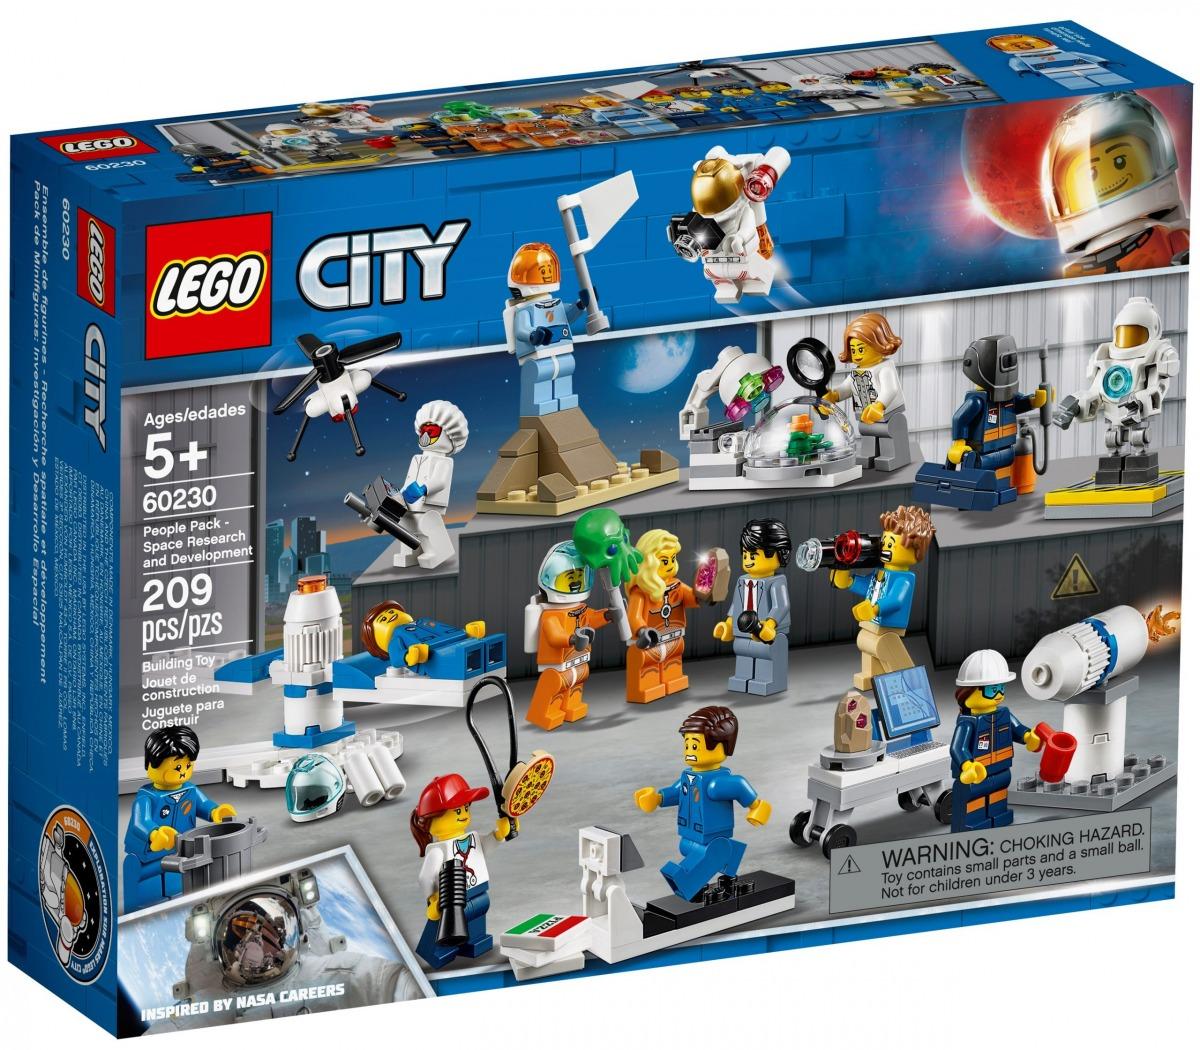 lego 60230 pack de minifiguras investigacion y desarrollo espacial scaled